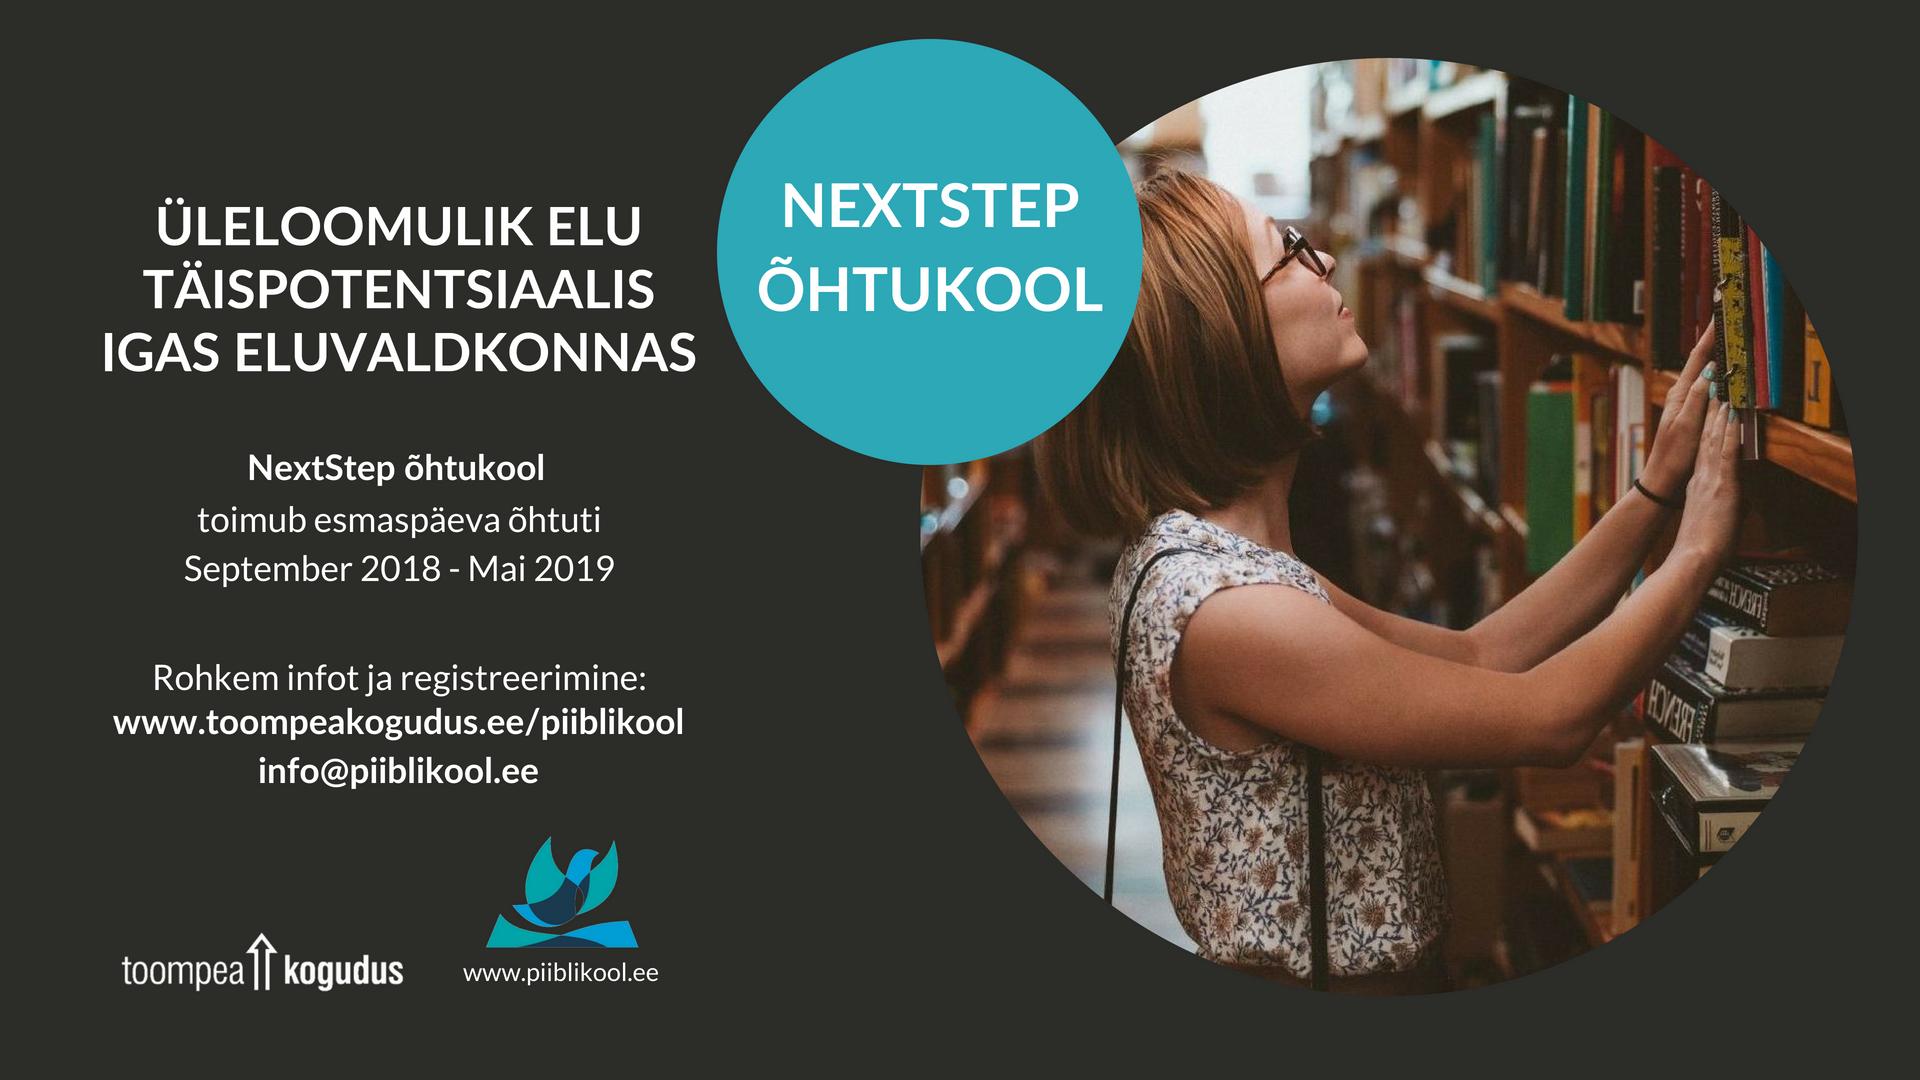 6967a14bd0d NextStep õhtukool - EKNK Toompea kogudus